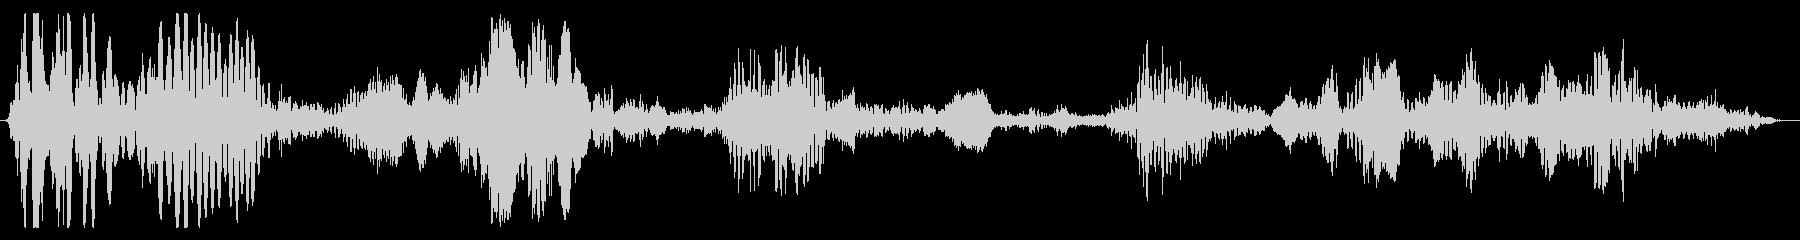 メカニカル_重量_駆動音の未再生の波形